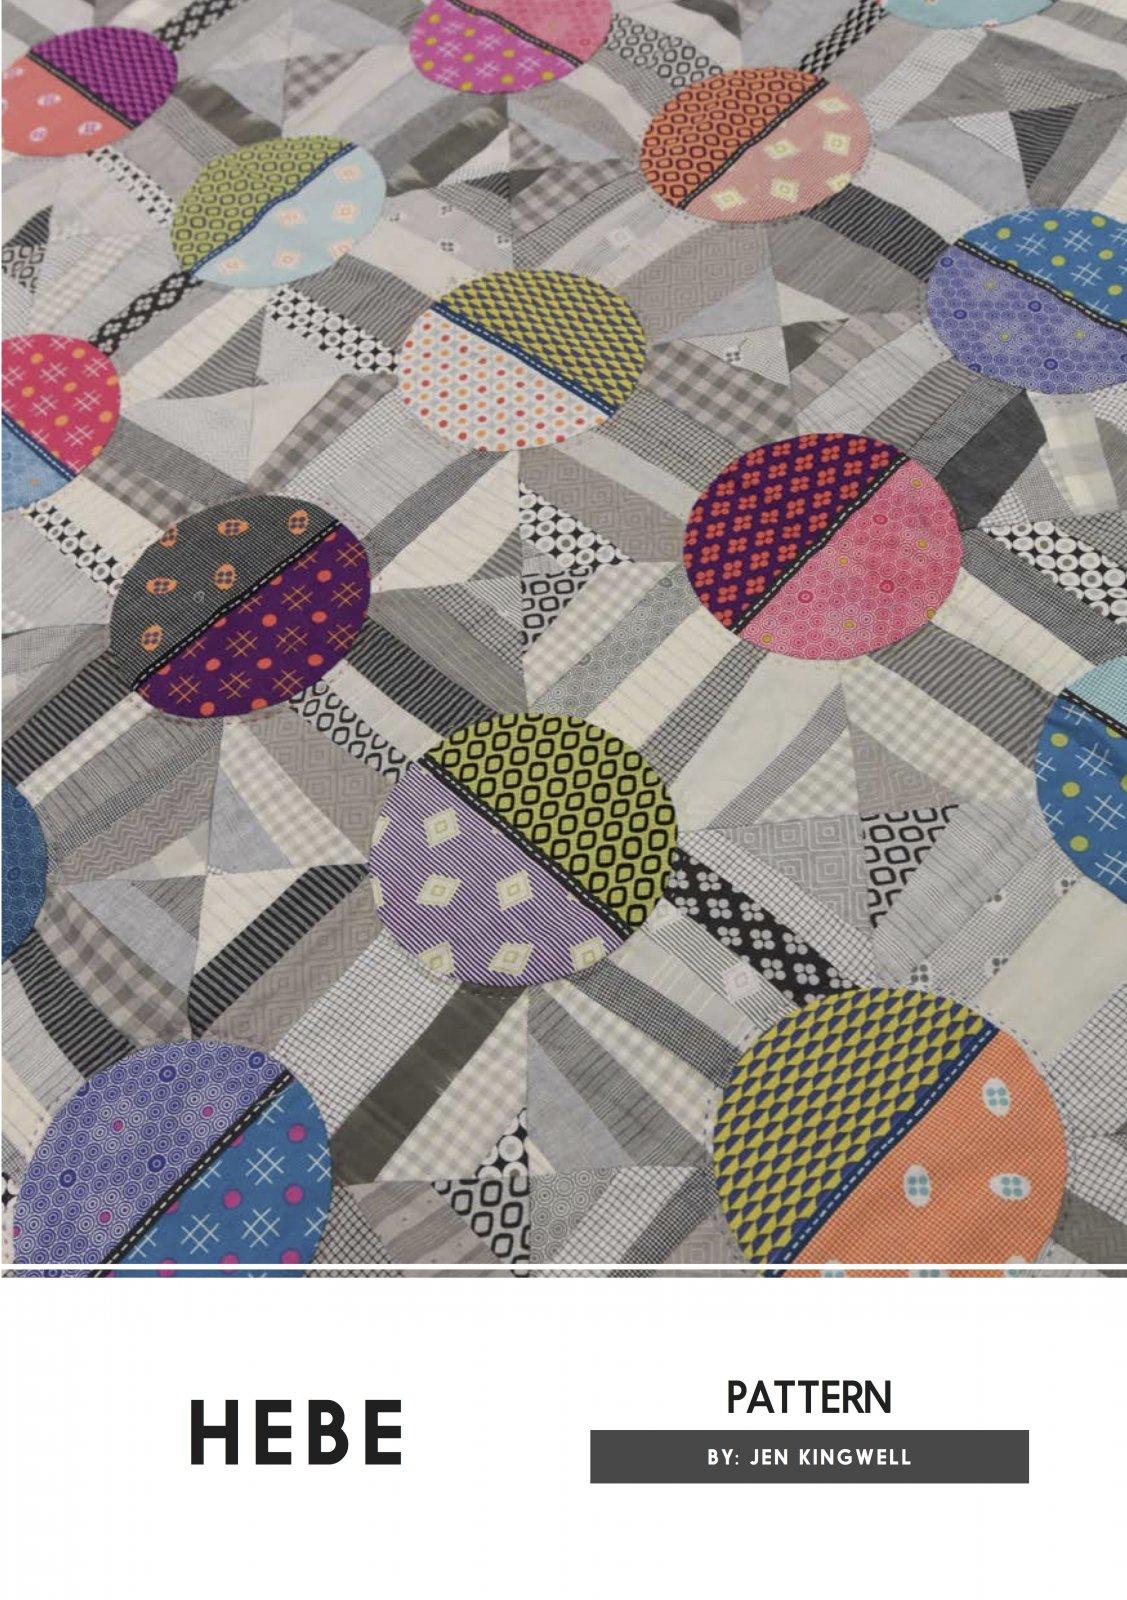 Hebe Pattern by Jen Kingwell